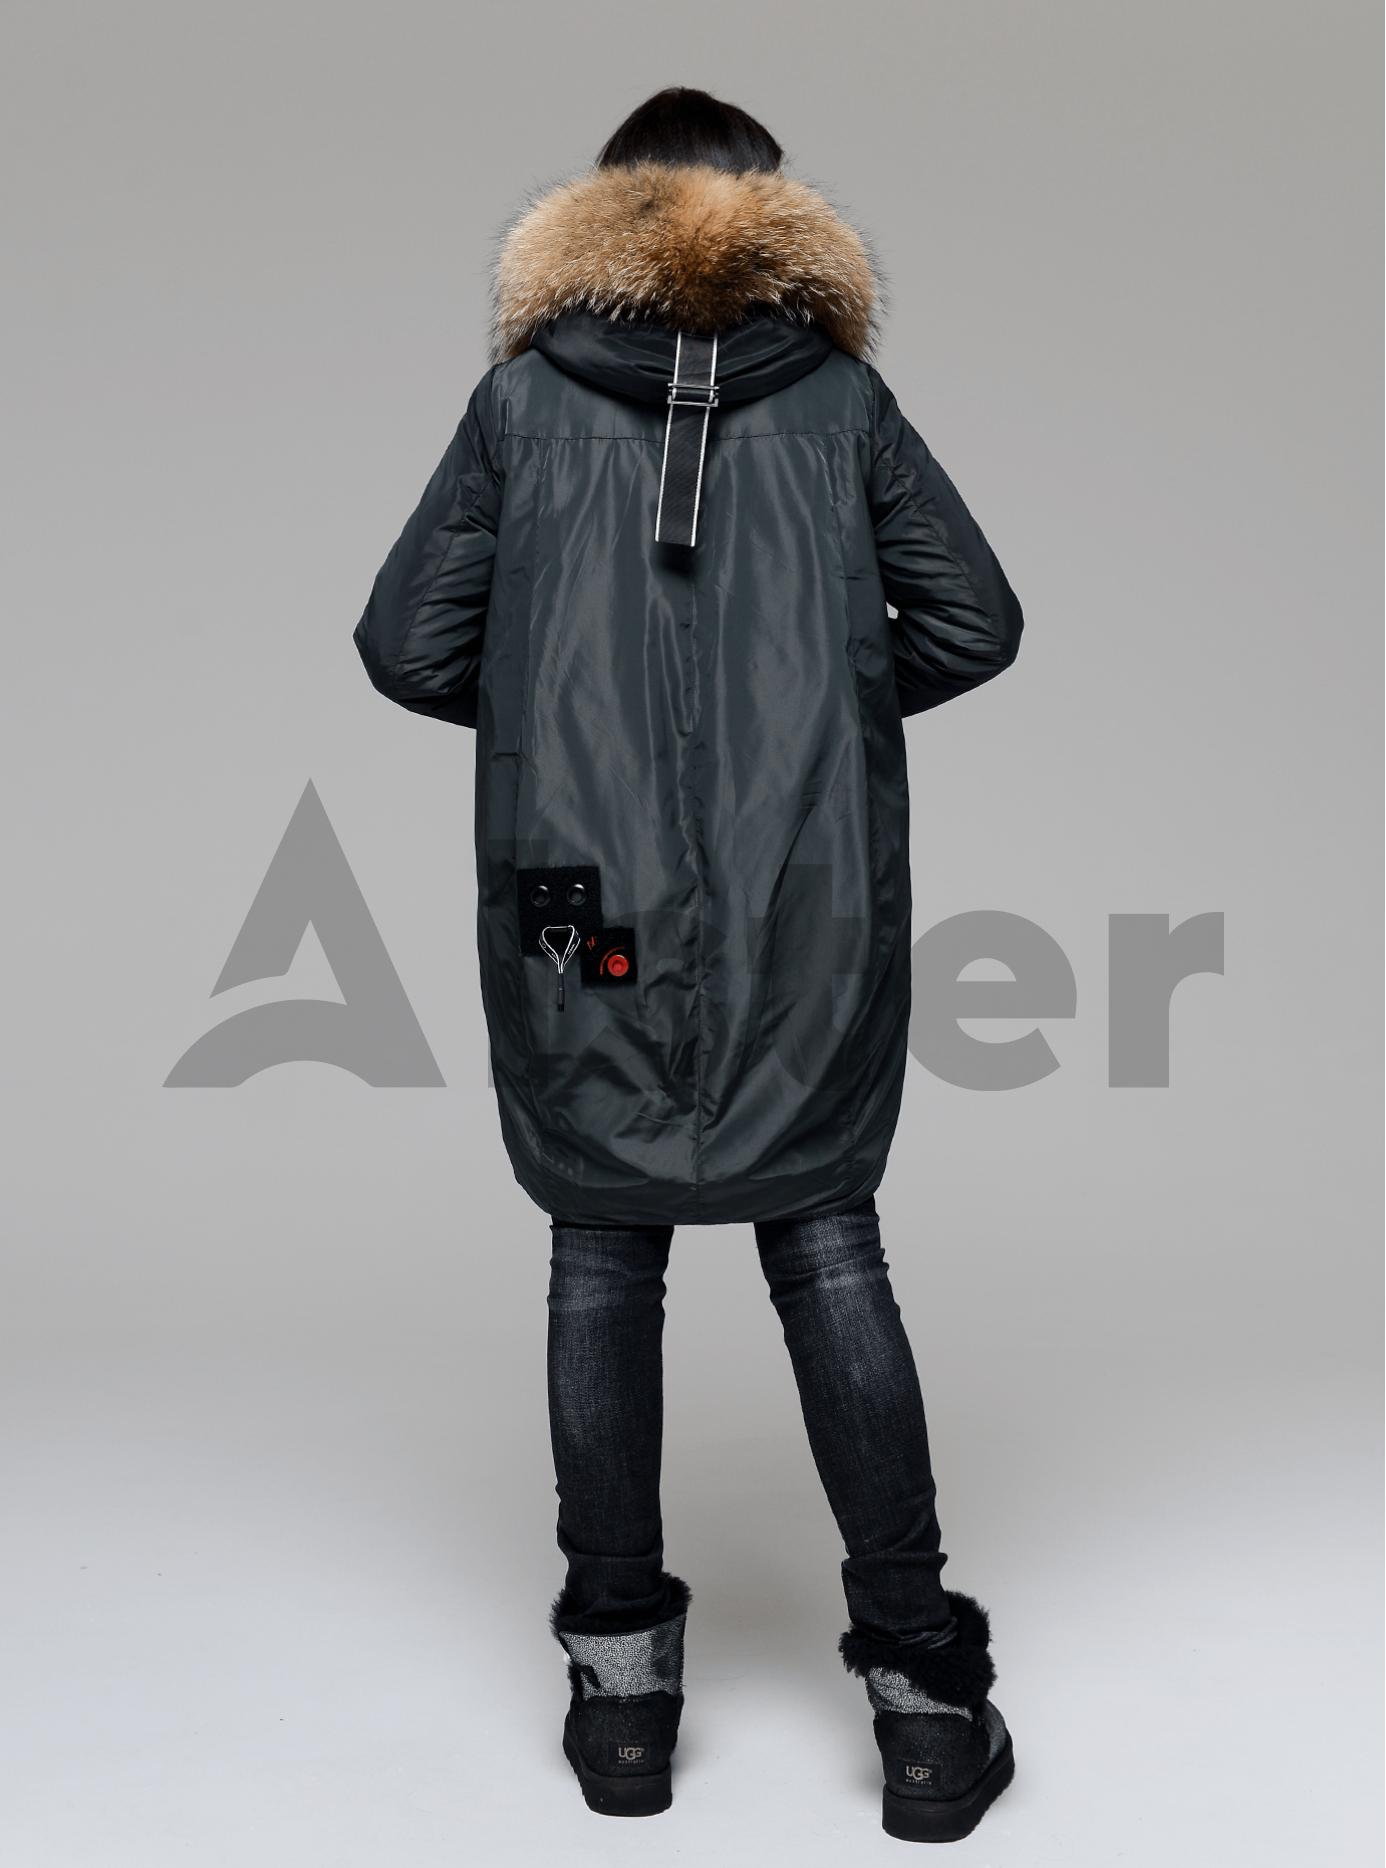 Куртка зимняя длинная со вставкой из меха енота Тёмно-зелёный S (05-V191216): фото - Alster.ua